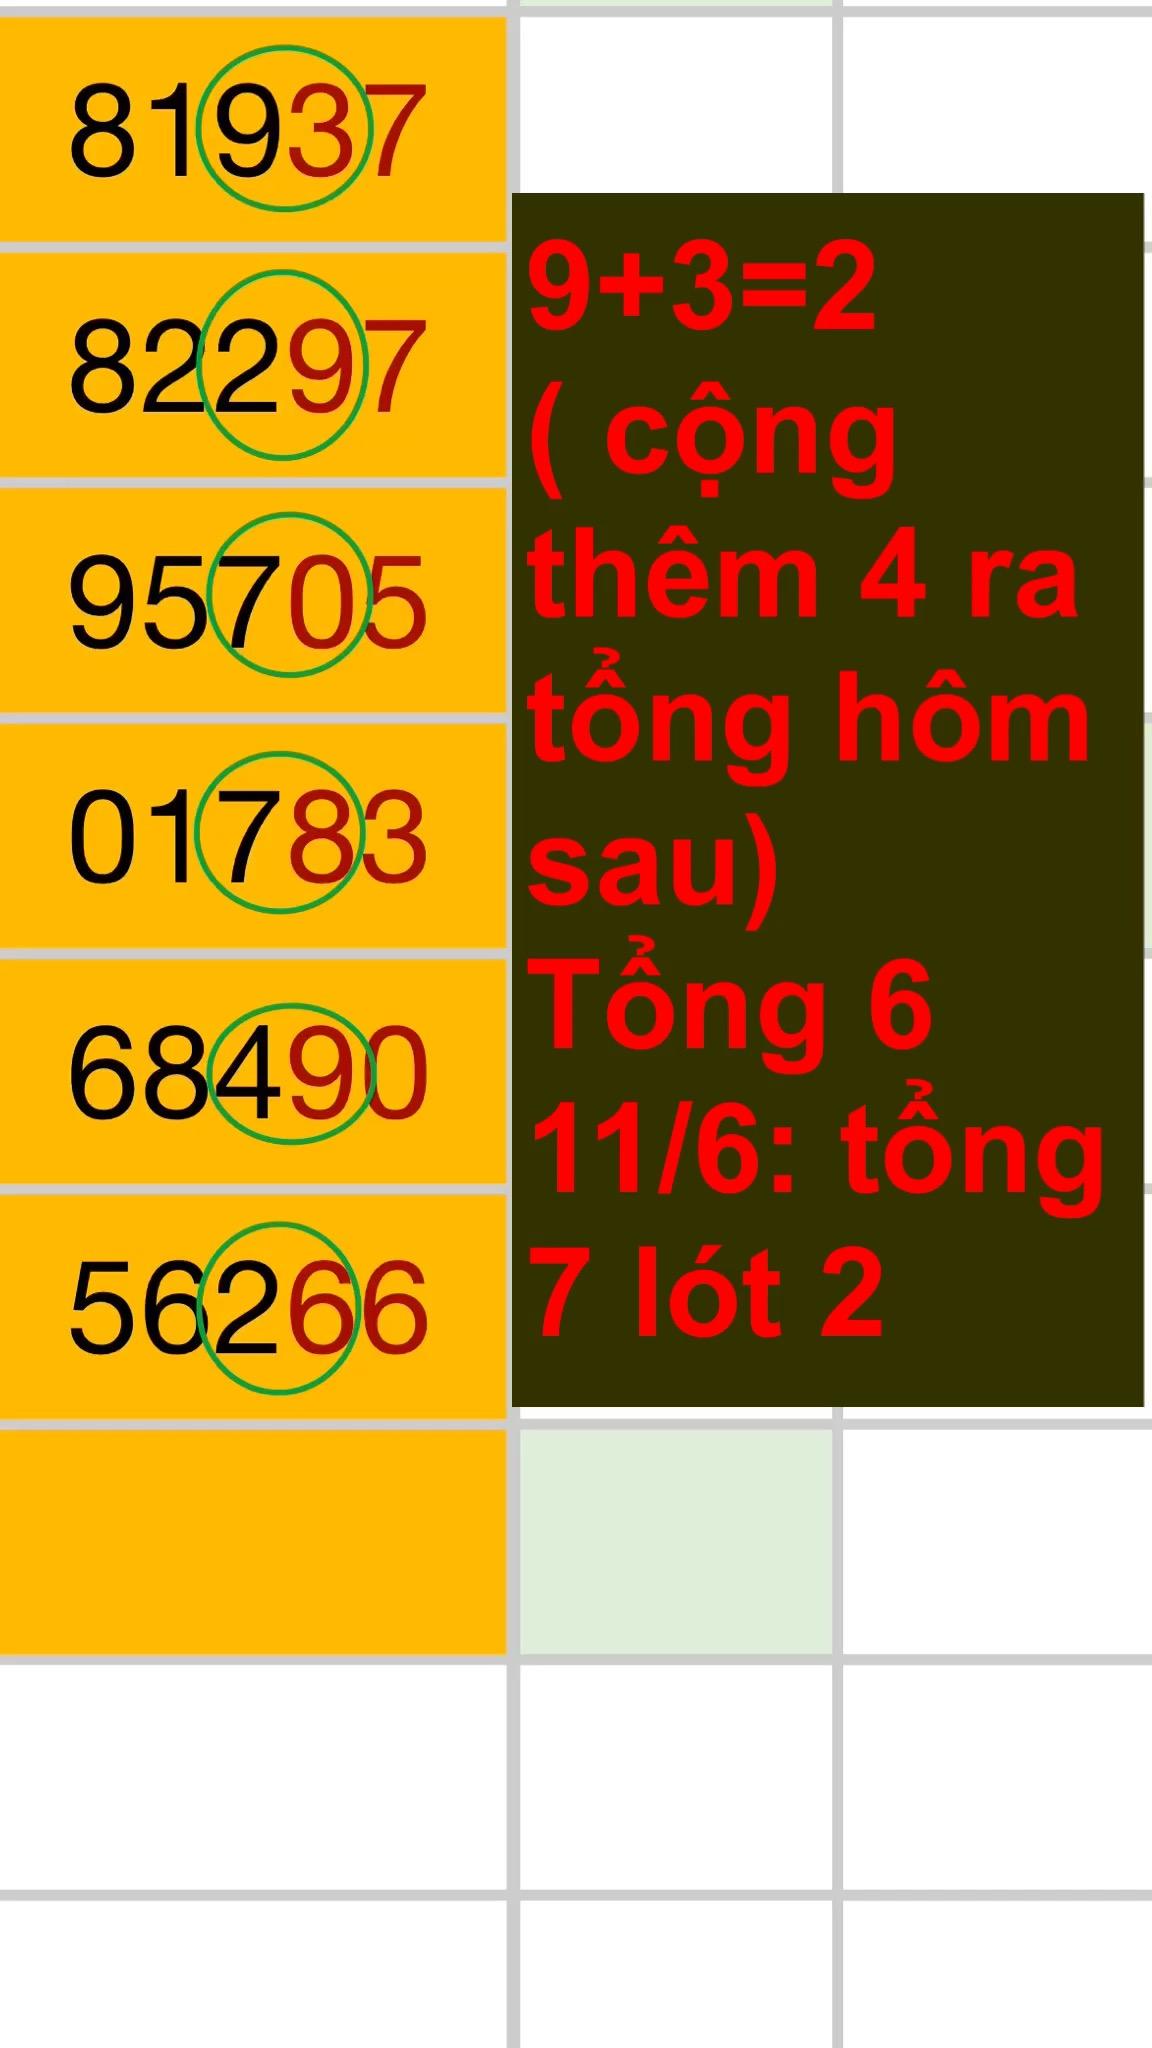 B4D2C877-8B88-41F2-AD21-6226CB22A033.jpeg